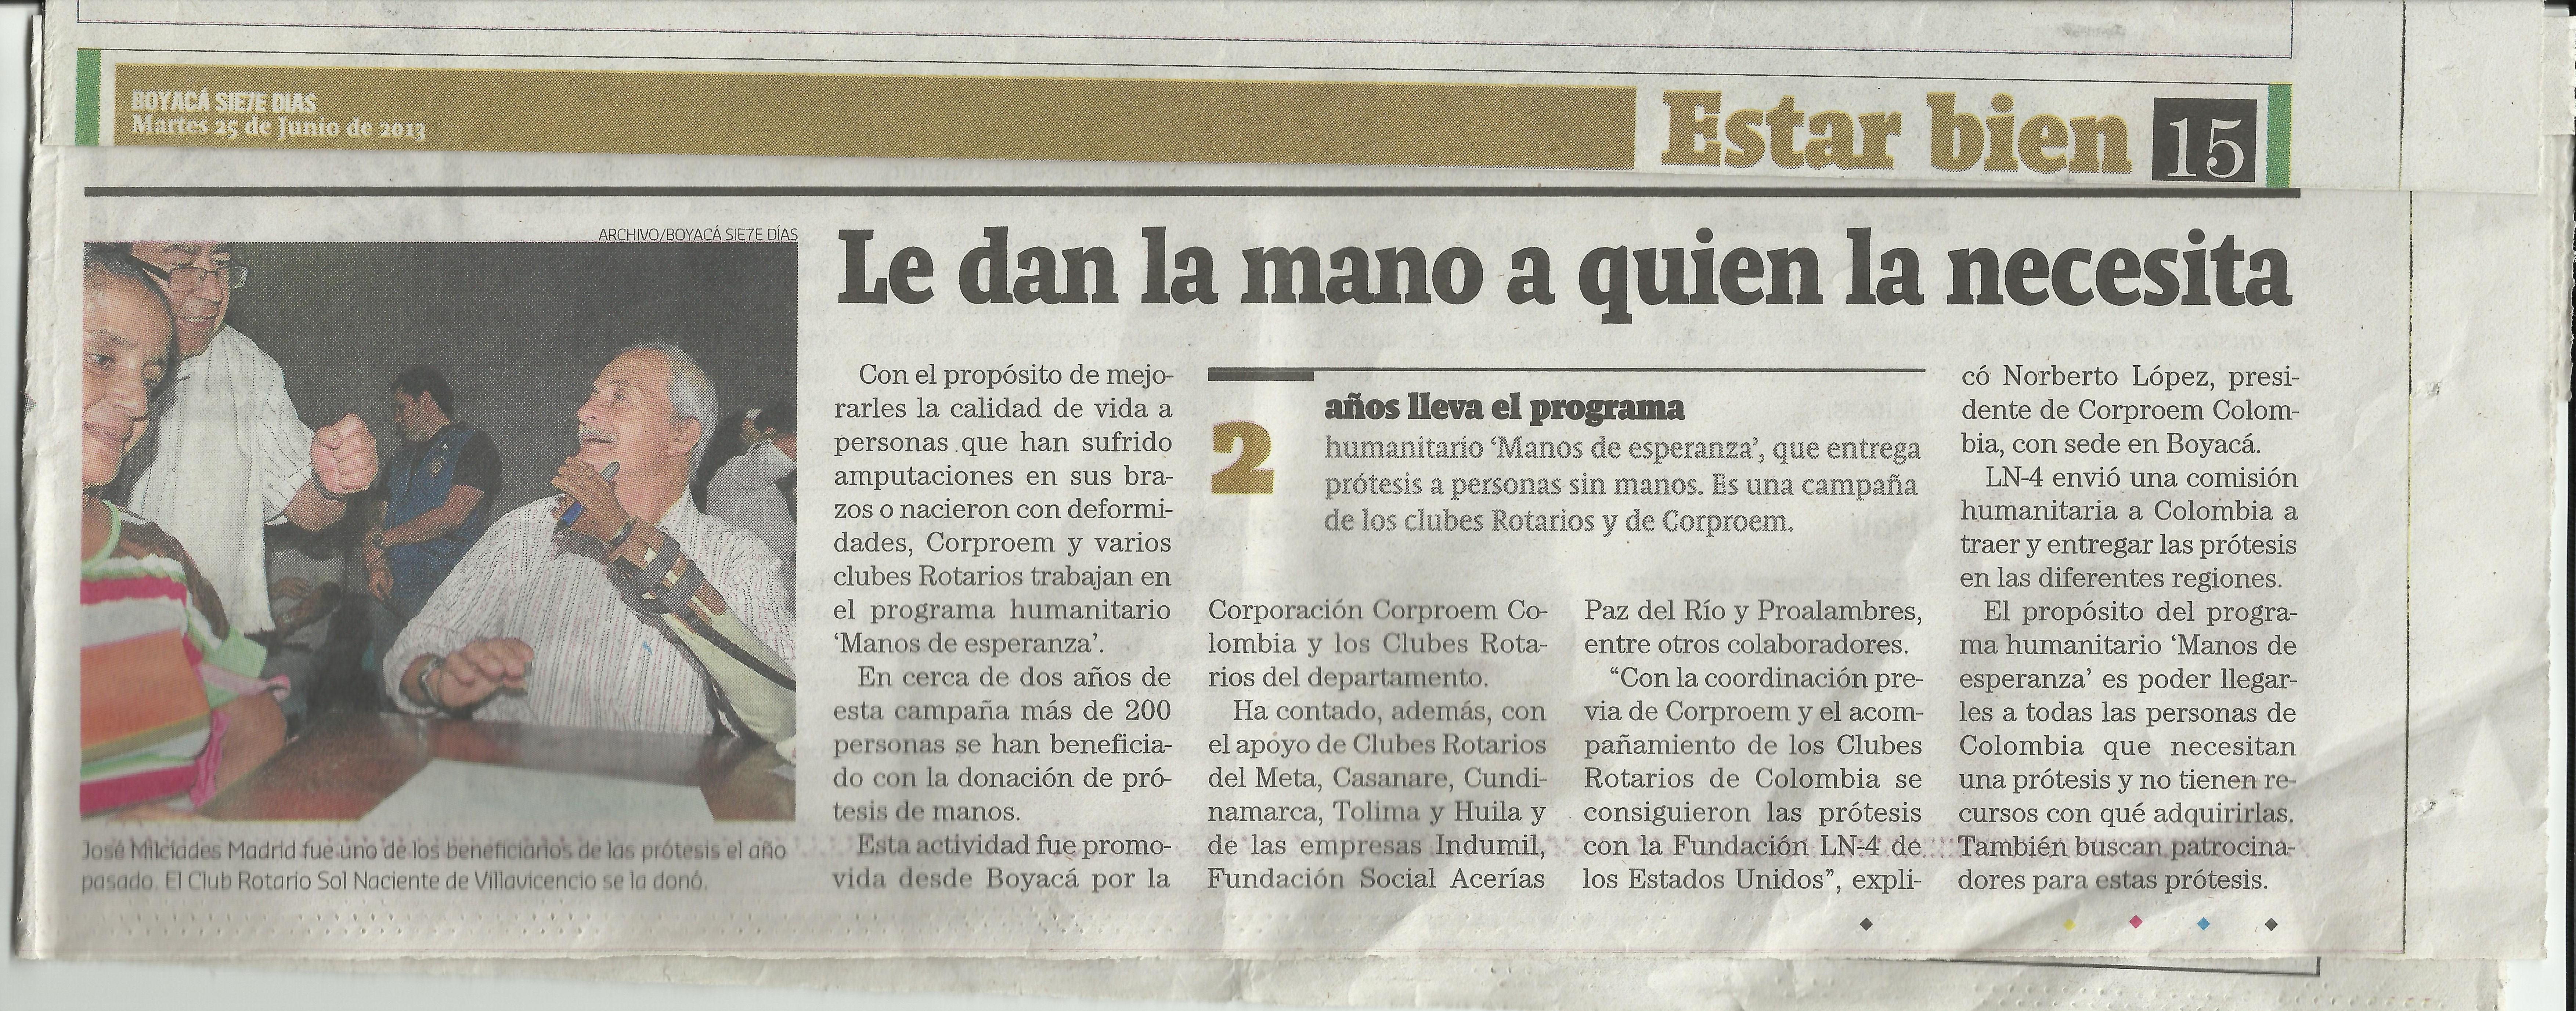 Articulo Periodico 7 Dias (2)